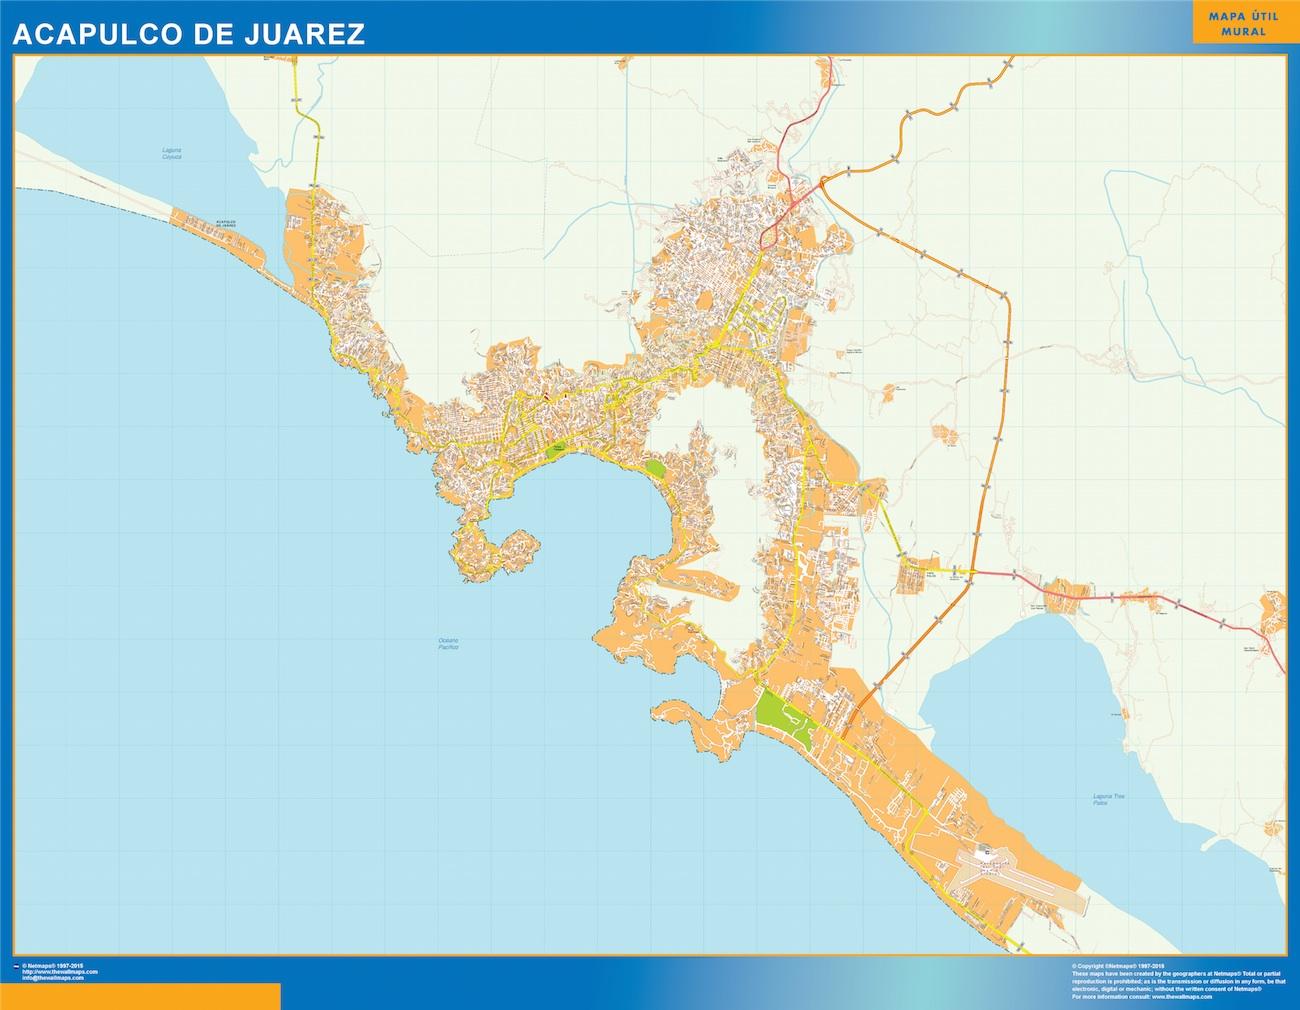 Mapa Acapulco De Juarez en Mexico plastificado gigante